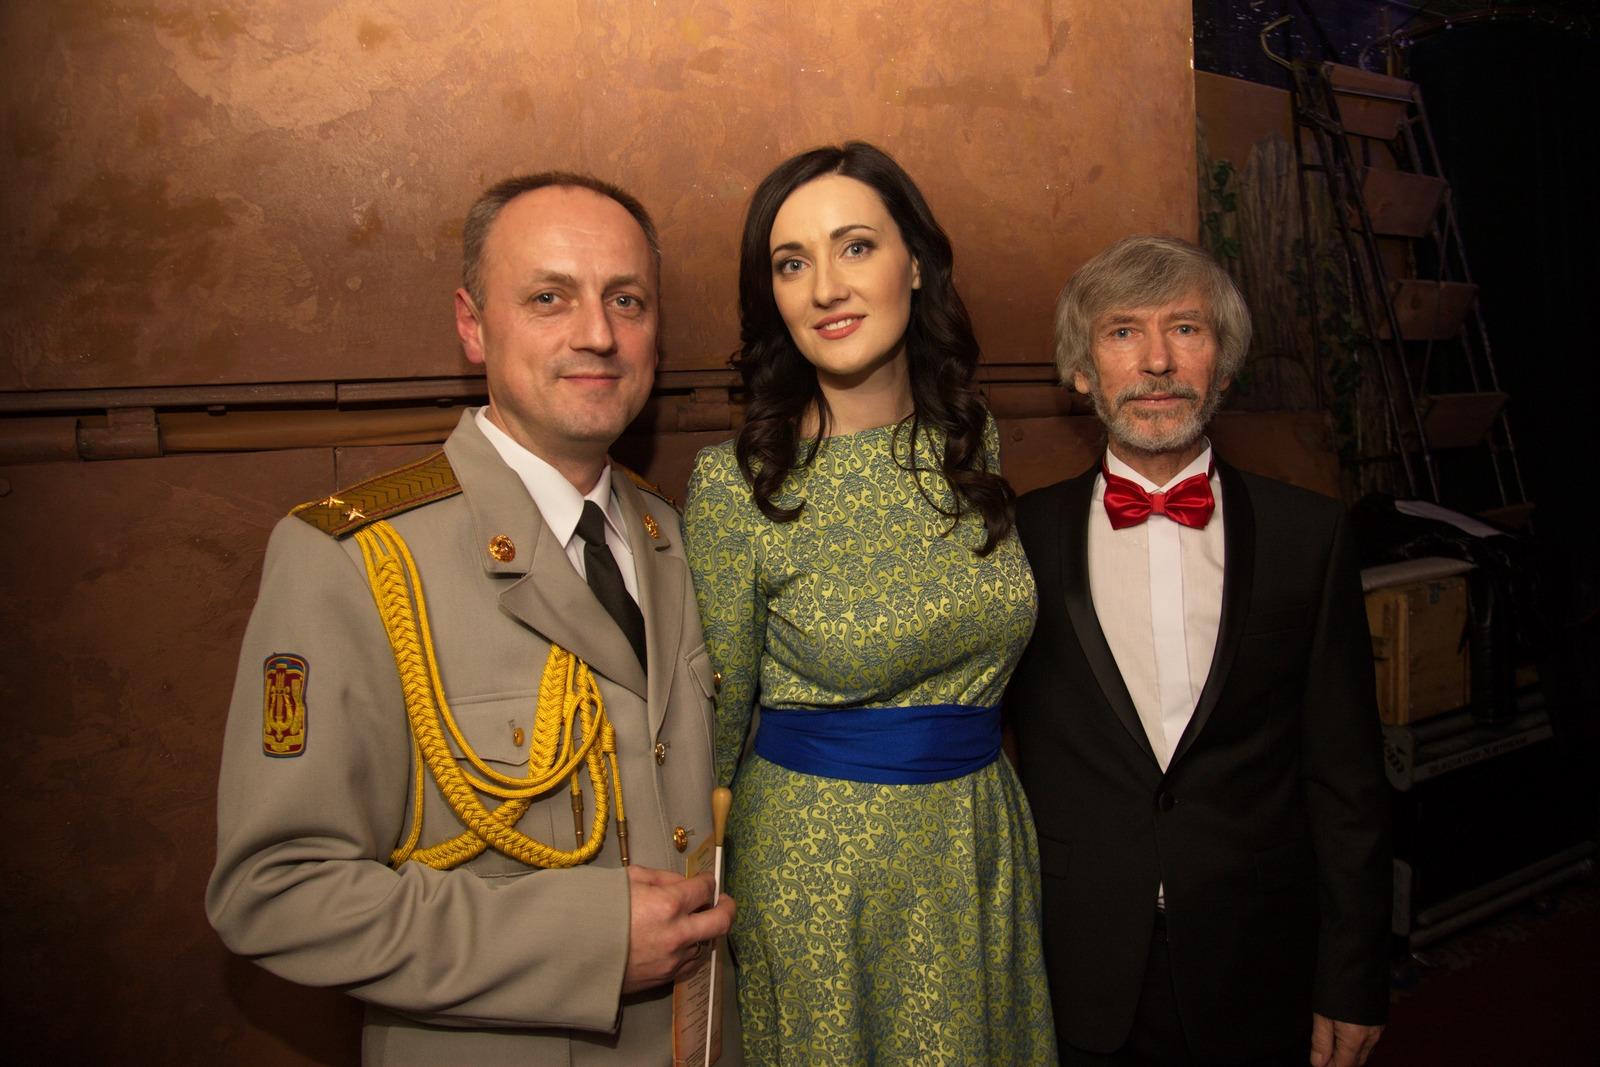 Соломия Витвицкая и Ирэна Карпа сели в инвалидные коляски и проехались по Киеву изоражения